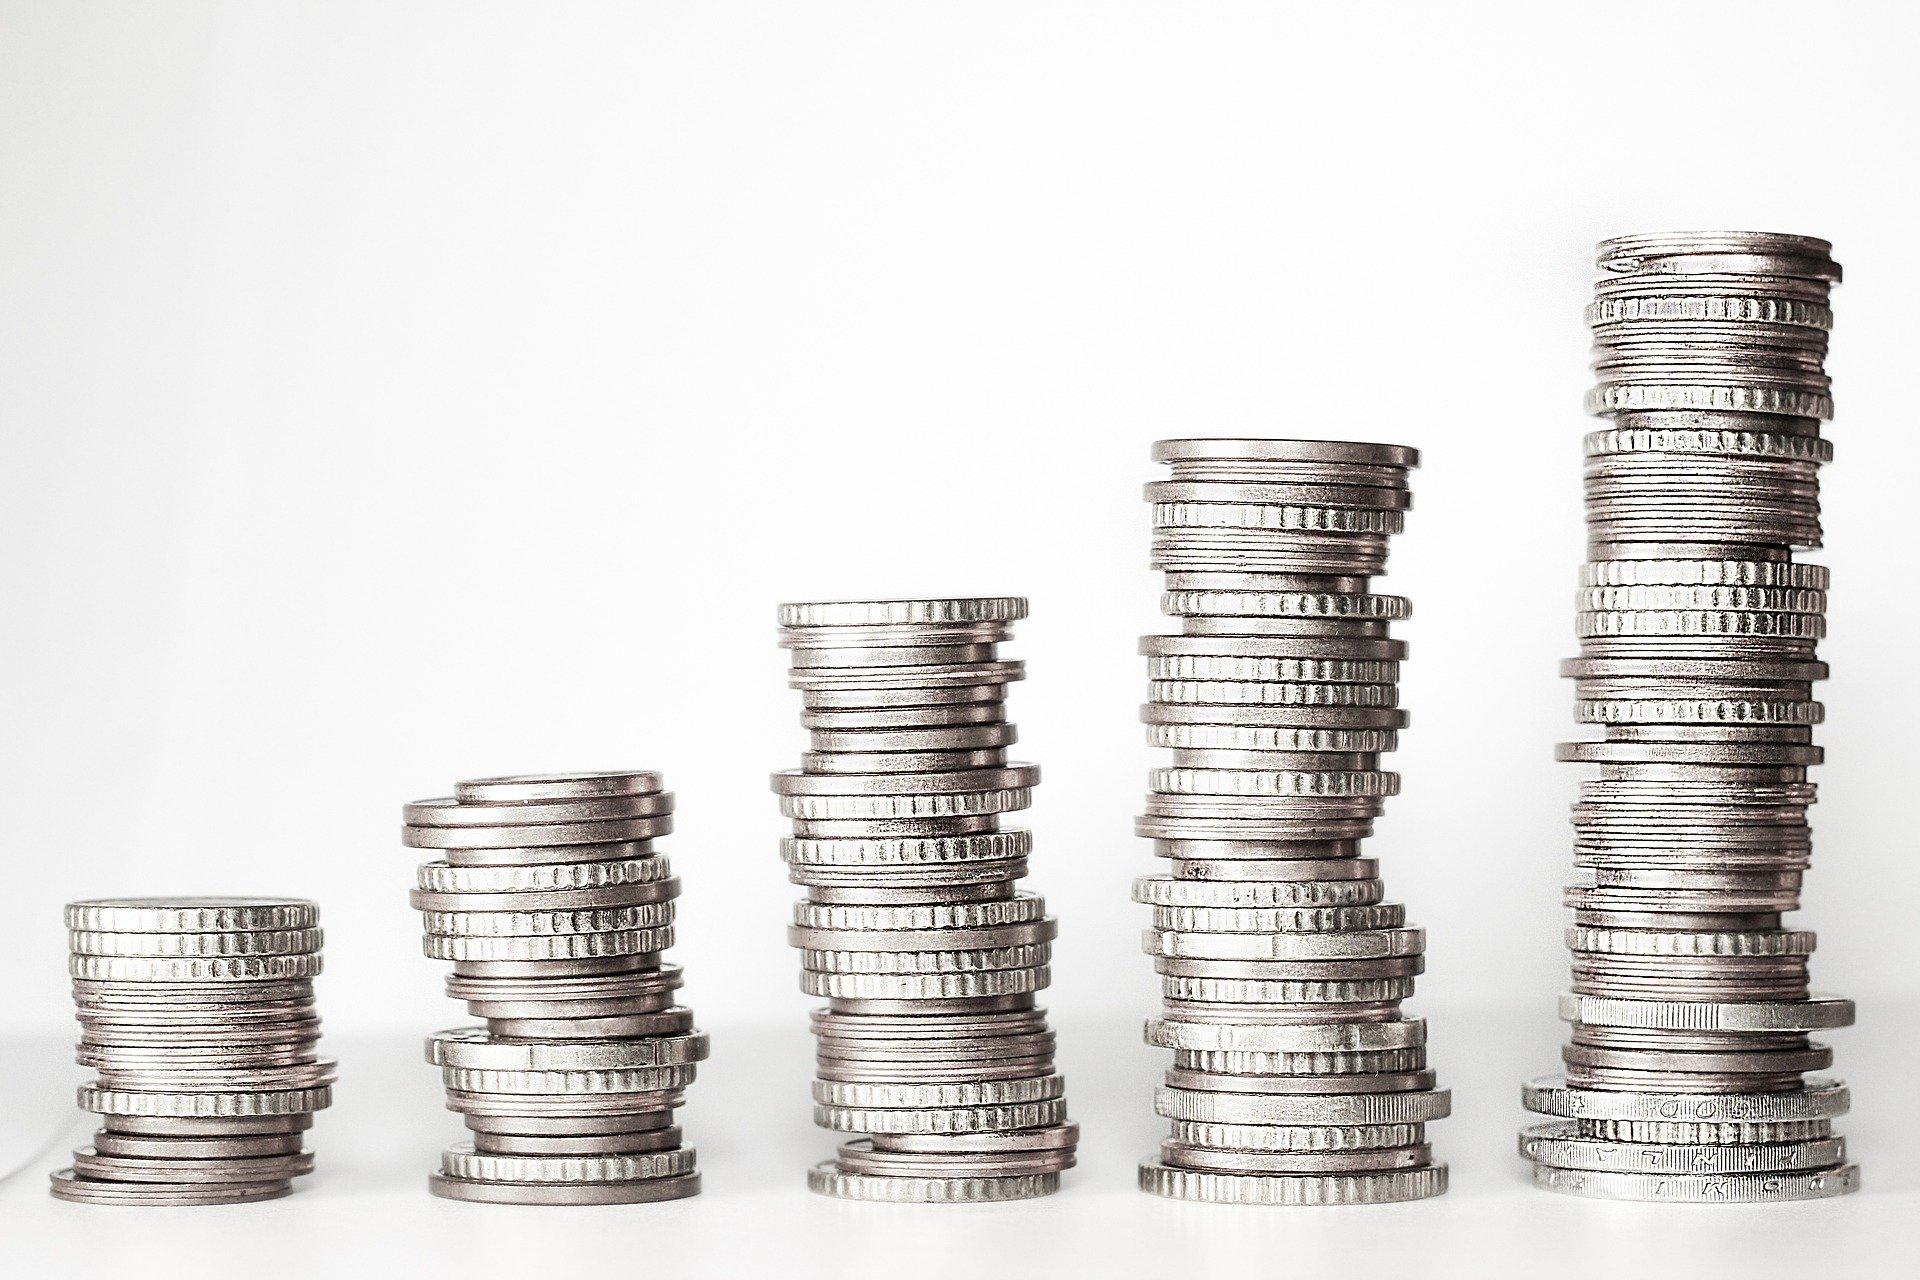 Мала приватизація за 10 місяців 2020 року принесла 2,7 млрд гривень